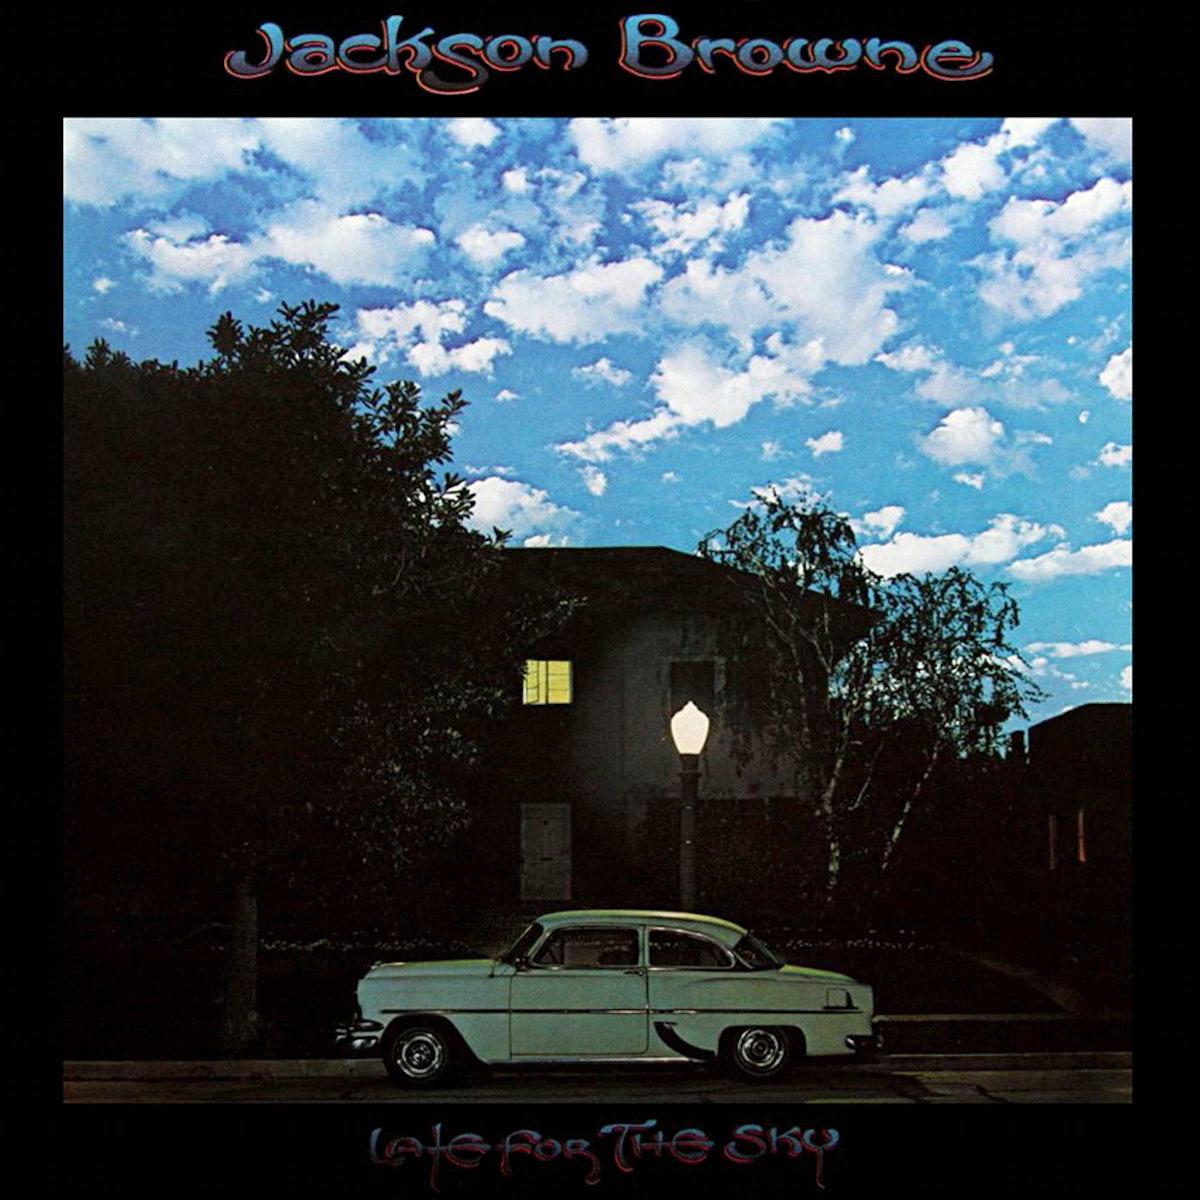 Jackson Browne Daft Punk